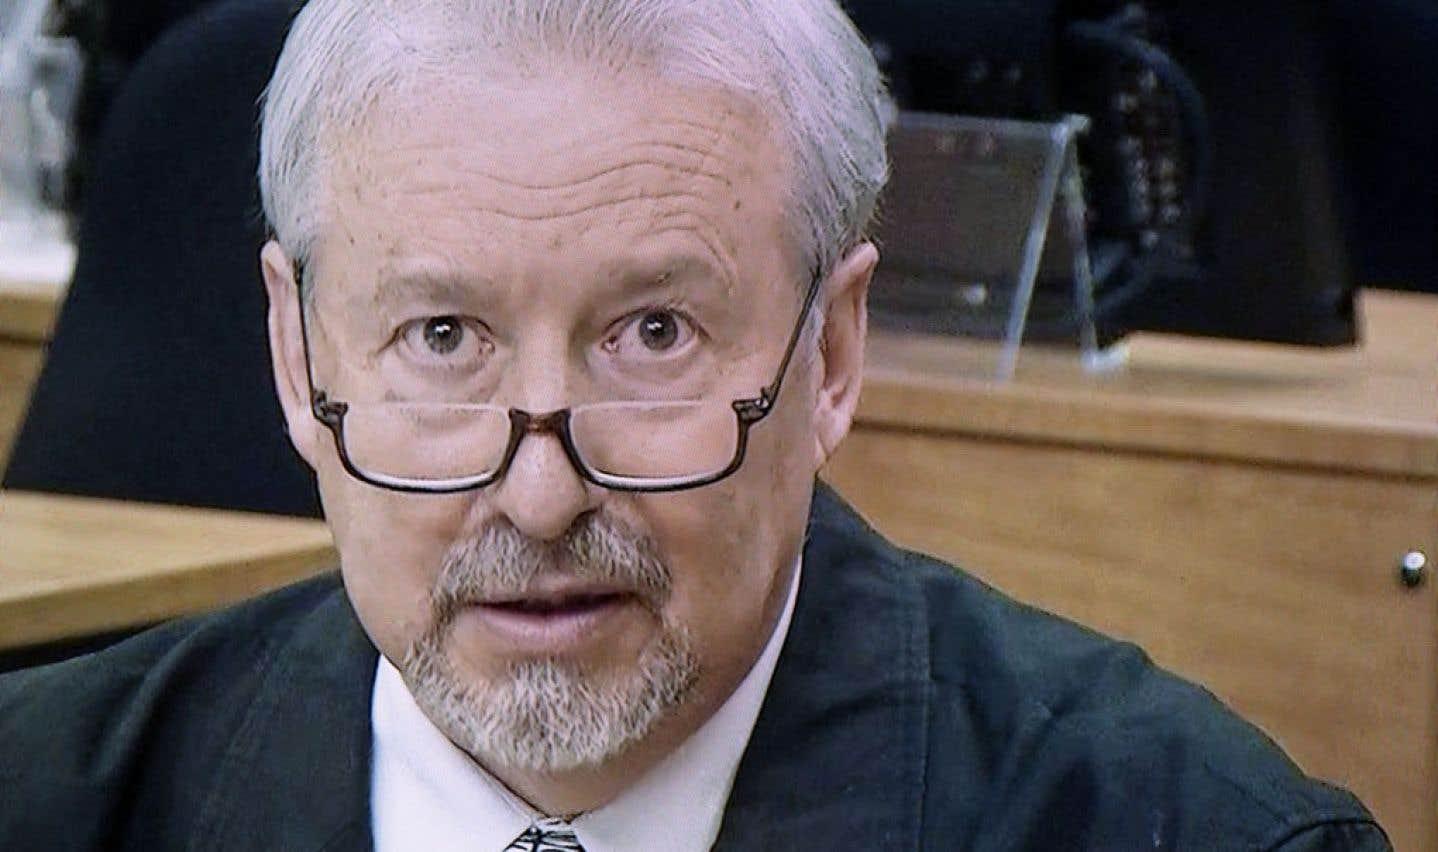 Ligue des contribuables - Collusion : un prix peu enviable pour Leclerc et Surprenant